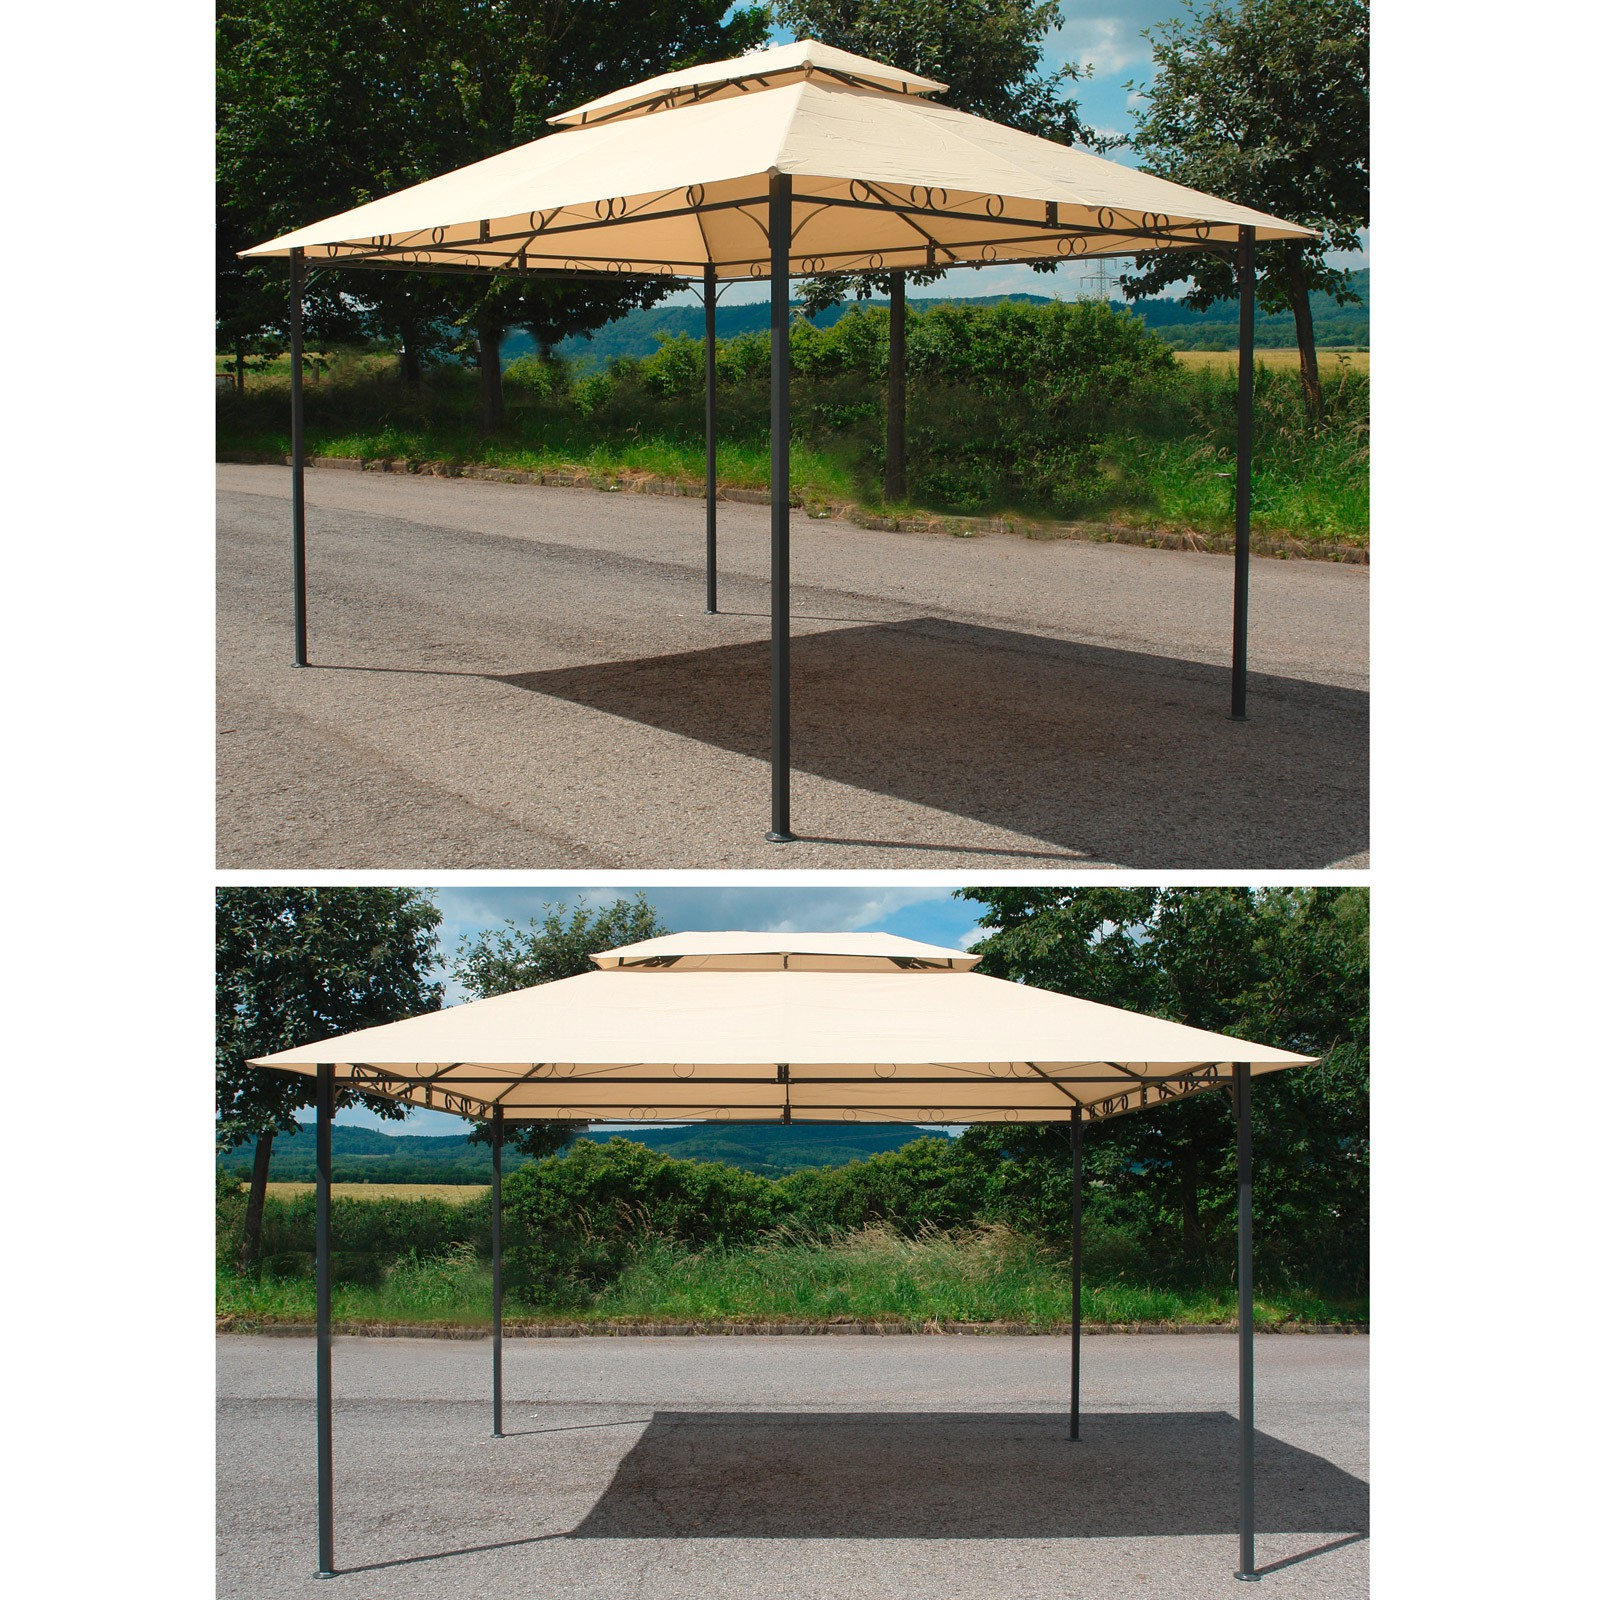 pavillon beige 3 x 4 m garten gartenpavillon berdachung gartenzelt neu ebay. Black Bedroom Furniture Sets. Home Design Ideas